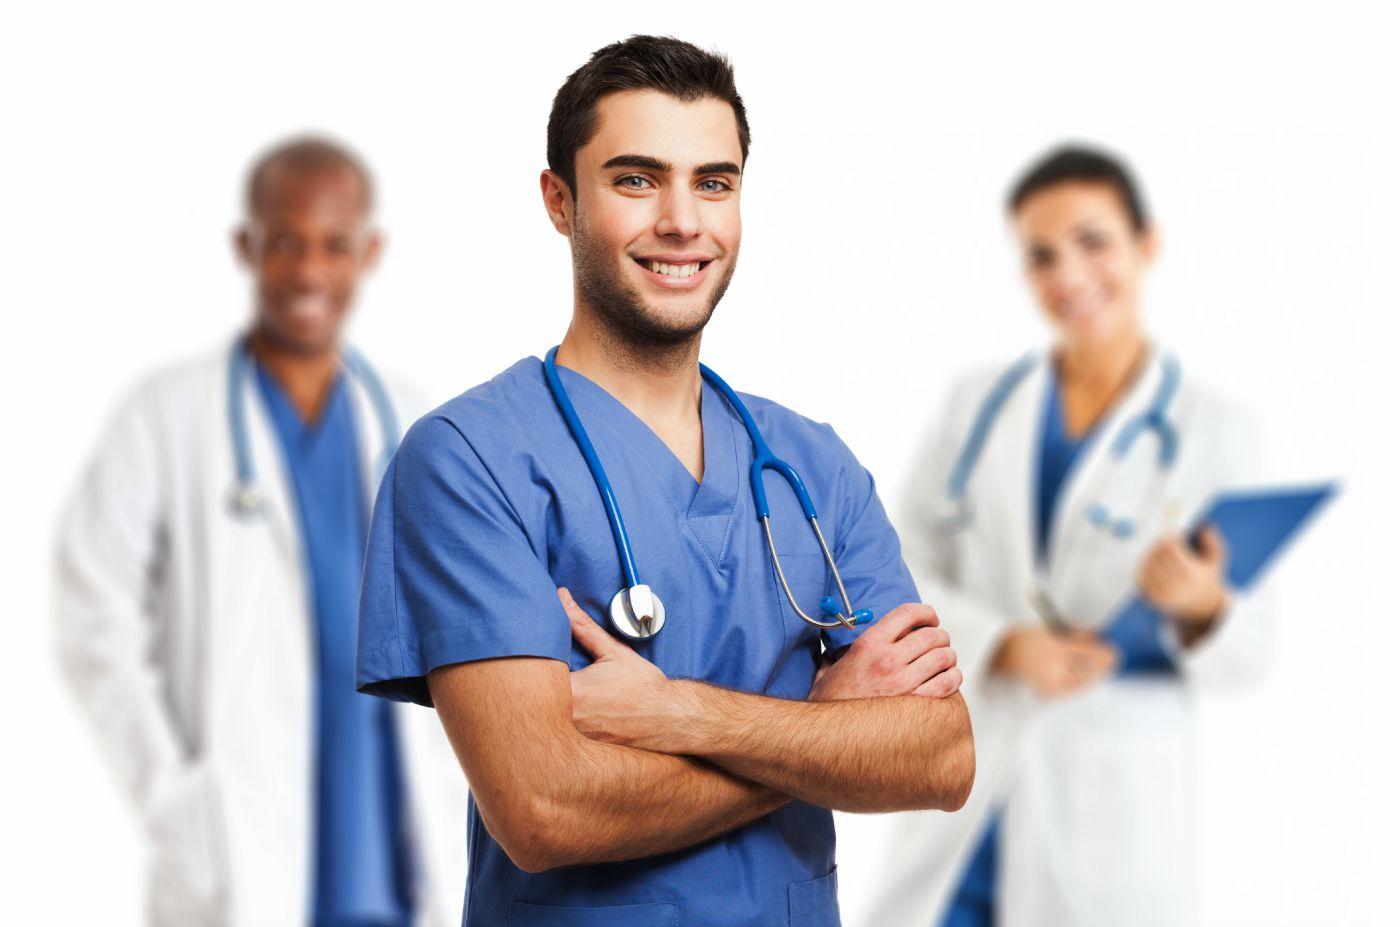 دراسة جدوى مشروع مركز طبي